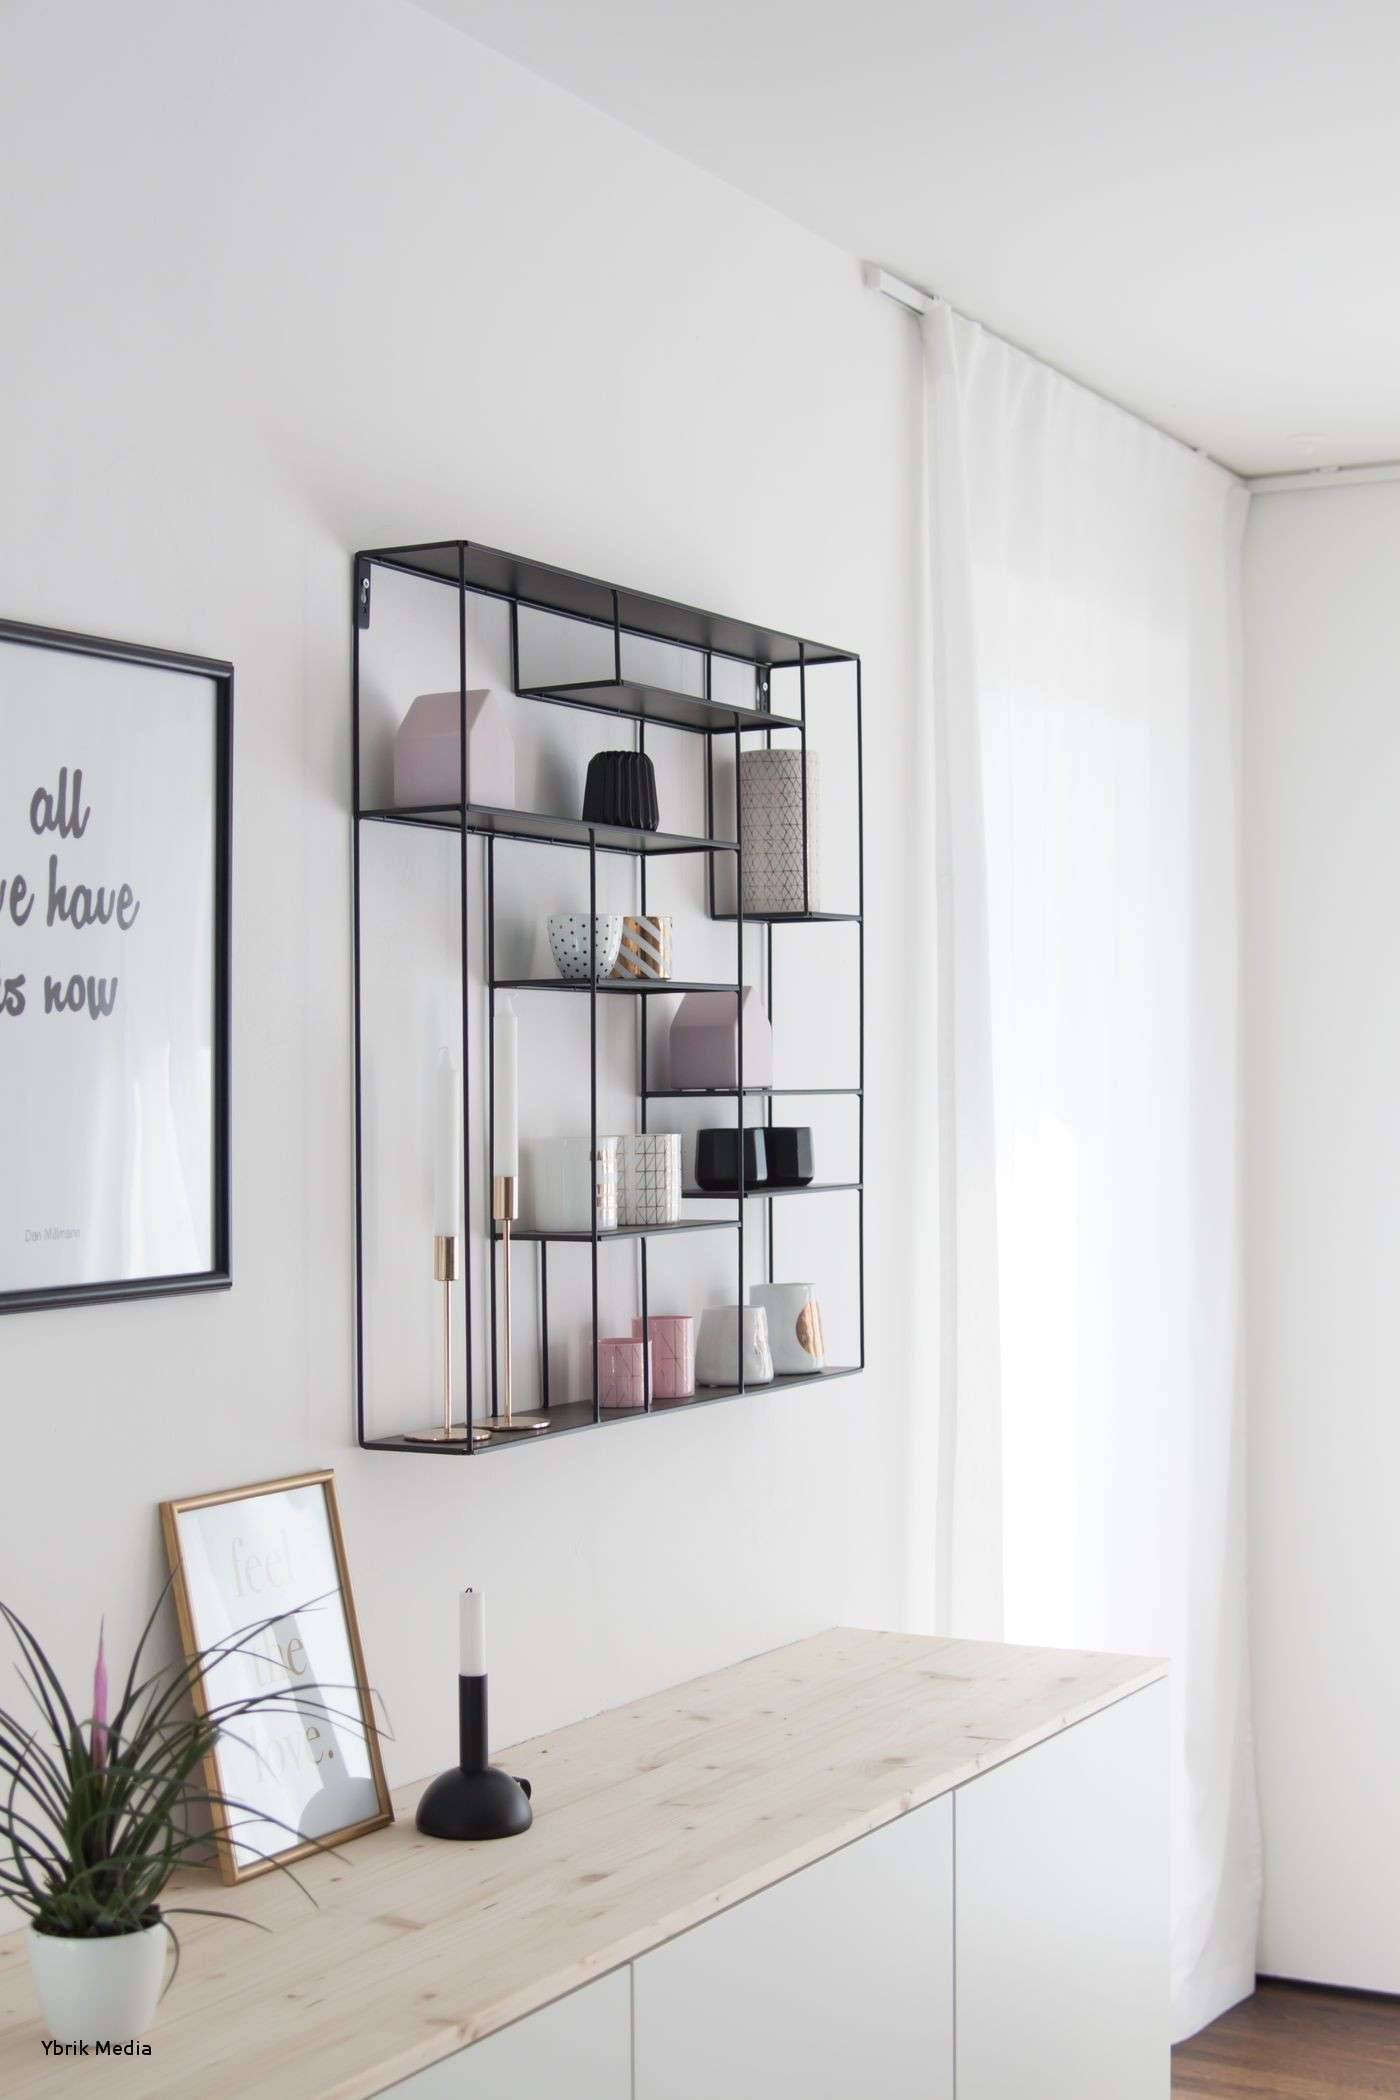 wohnzimmermobel von musterring beste 48 luxus palettenmobel terrasse grafik of wohnzimmermobel von musterring